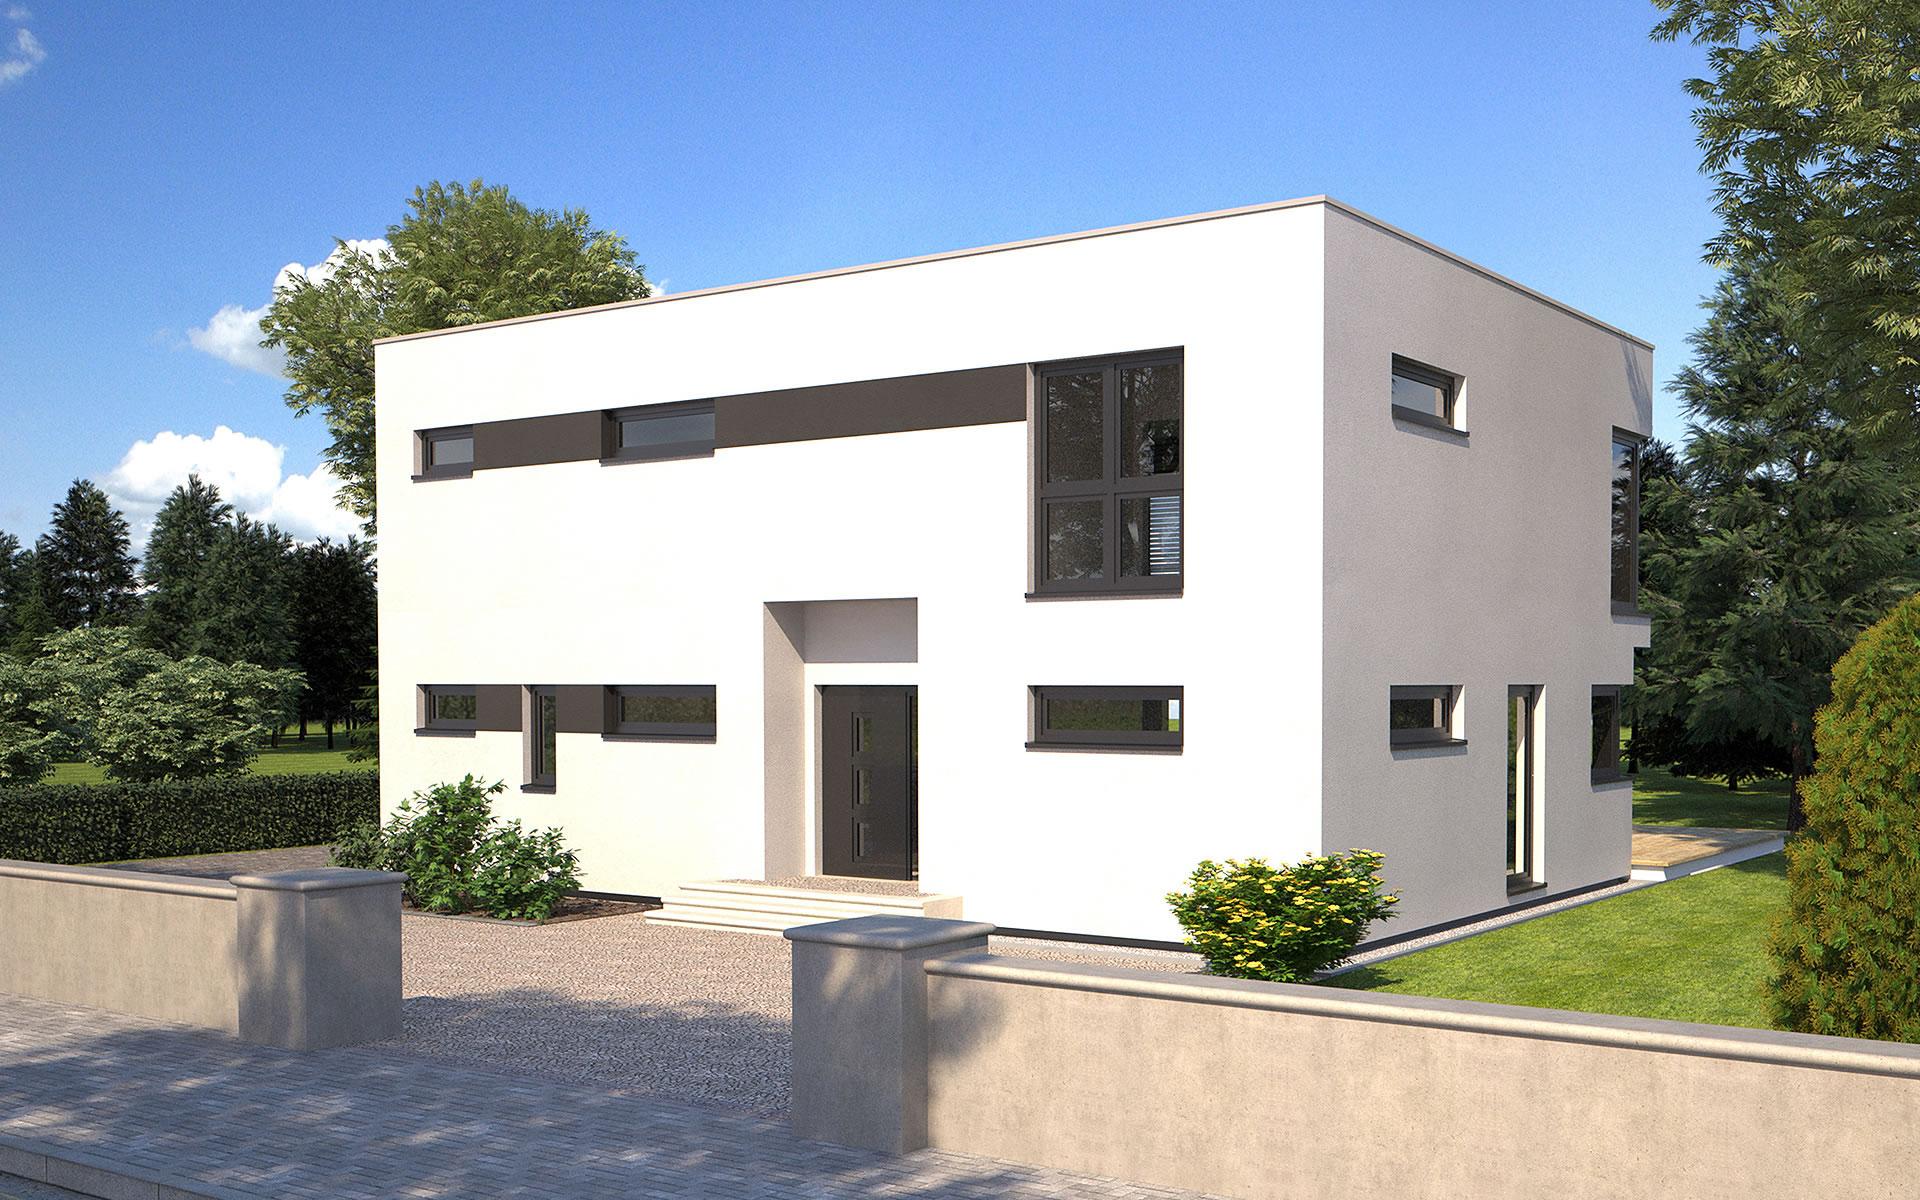 Fine Arts 169 von Bärenhaus - das fertige Haus GmbH